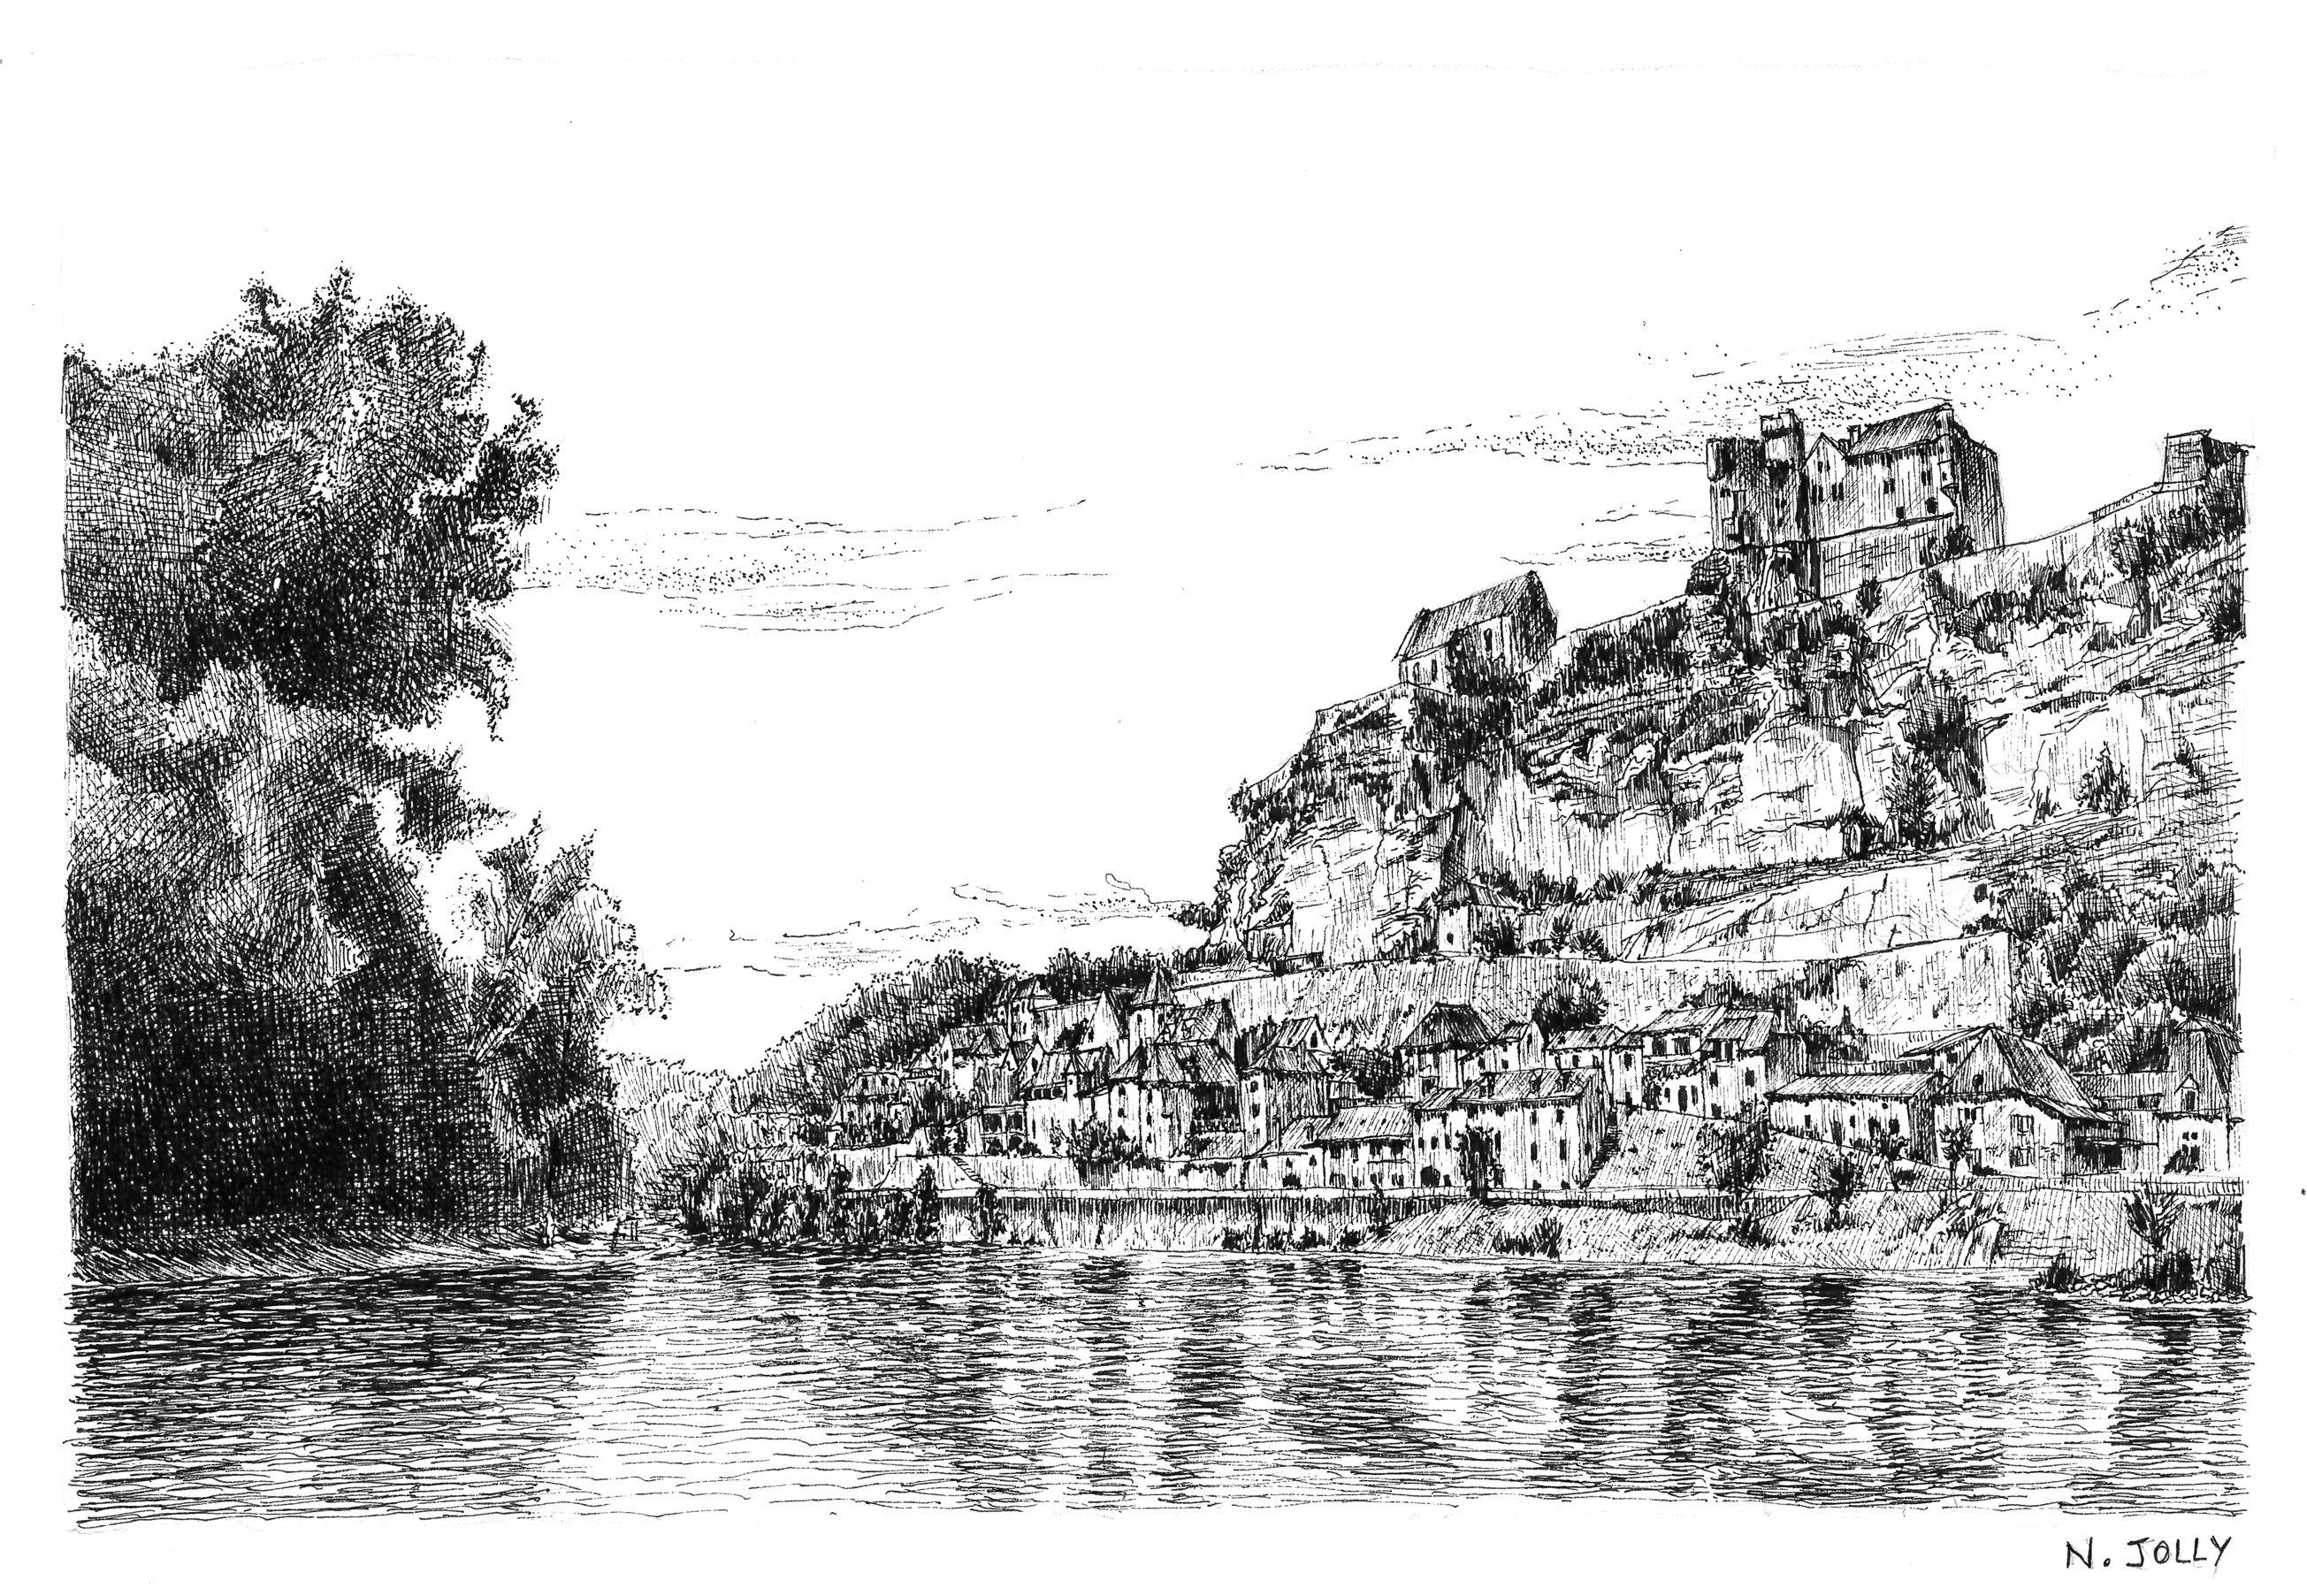 Dessin à l\'encre de Chine / Black ink drawing - La Dordogne et ...